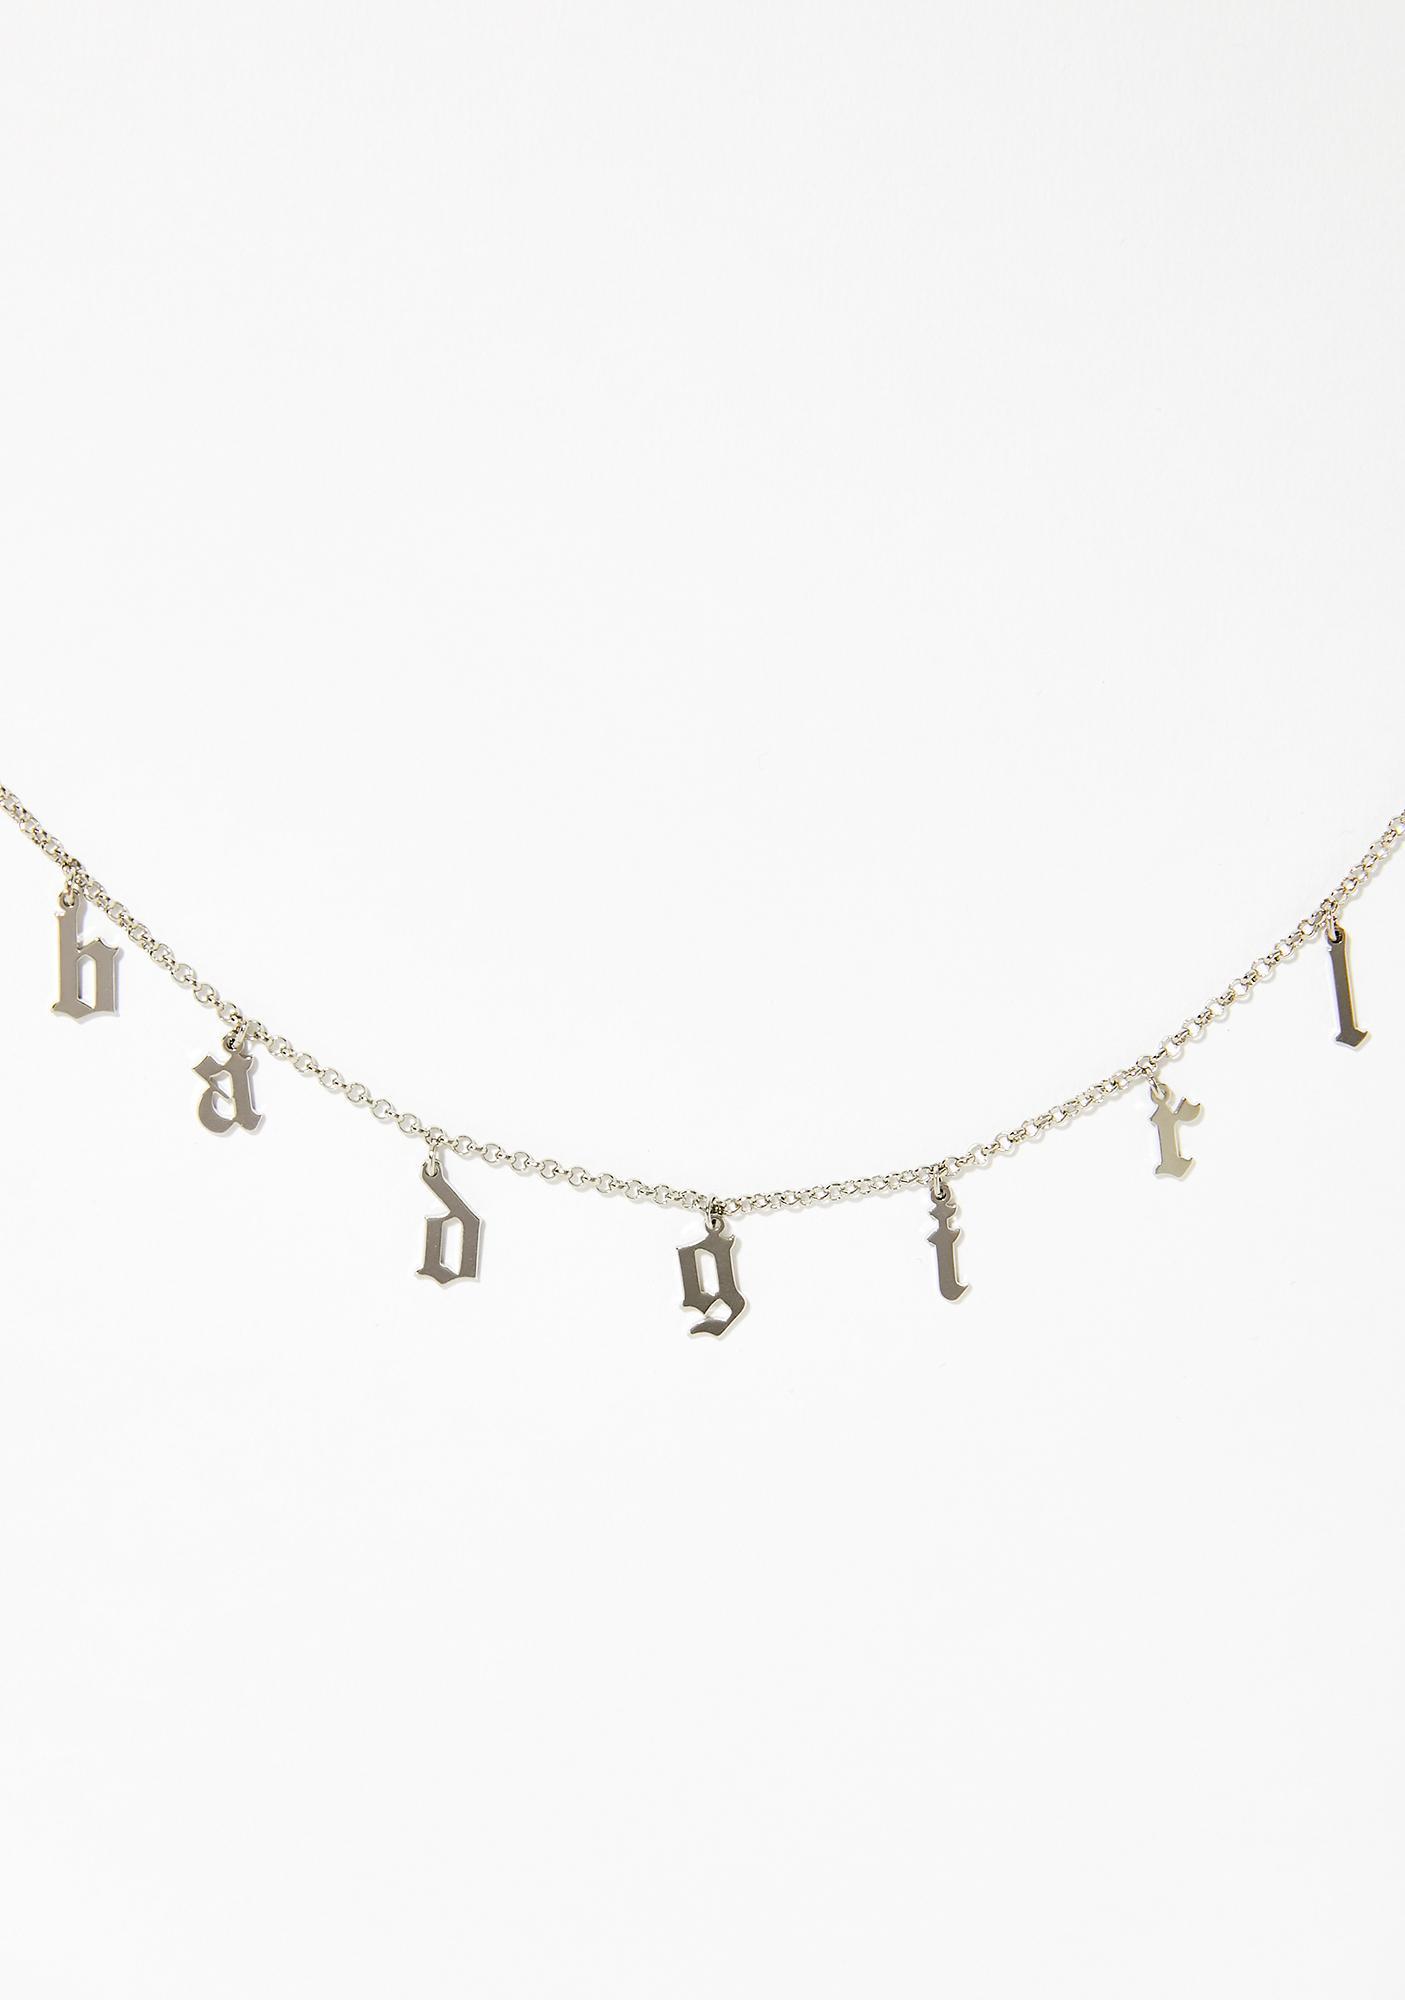 Imma Bad Grl Chain Necklace